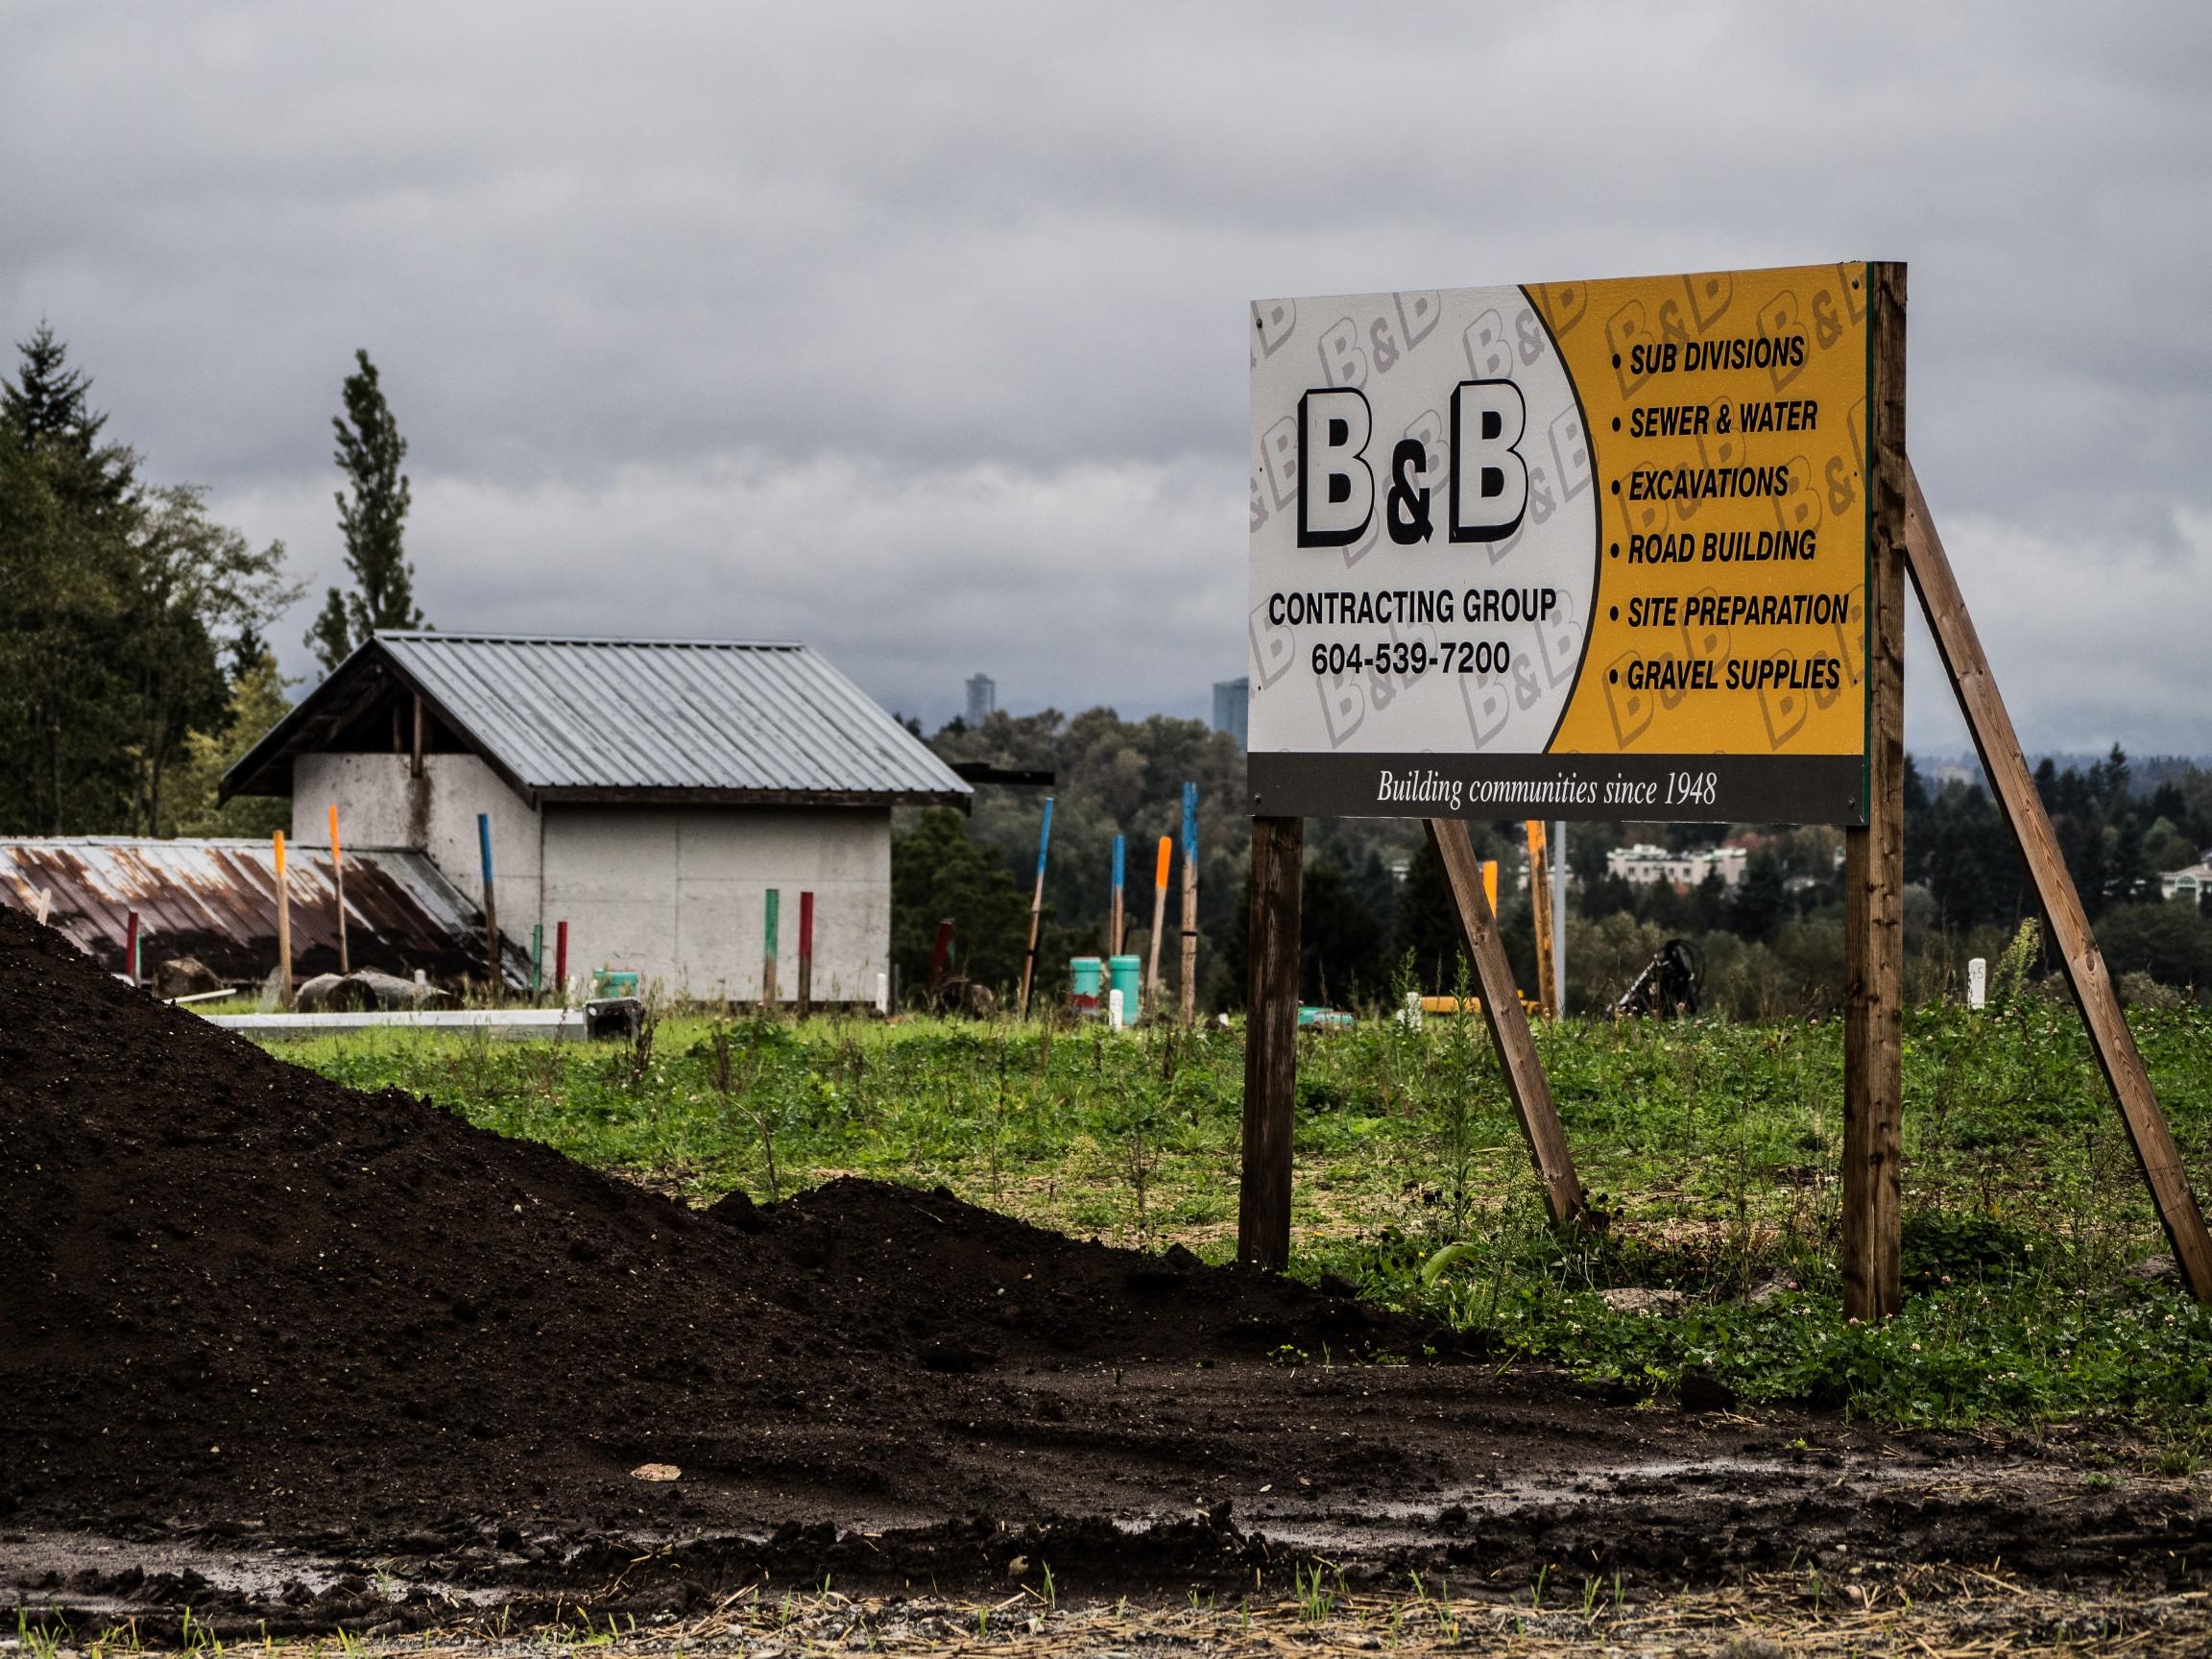 B&B Contracting - New Development - Excavation Contractors Surrey.jpg